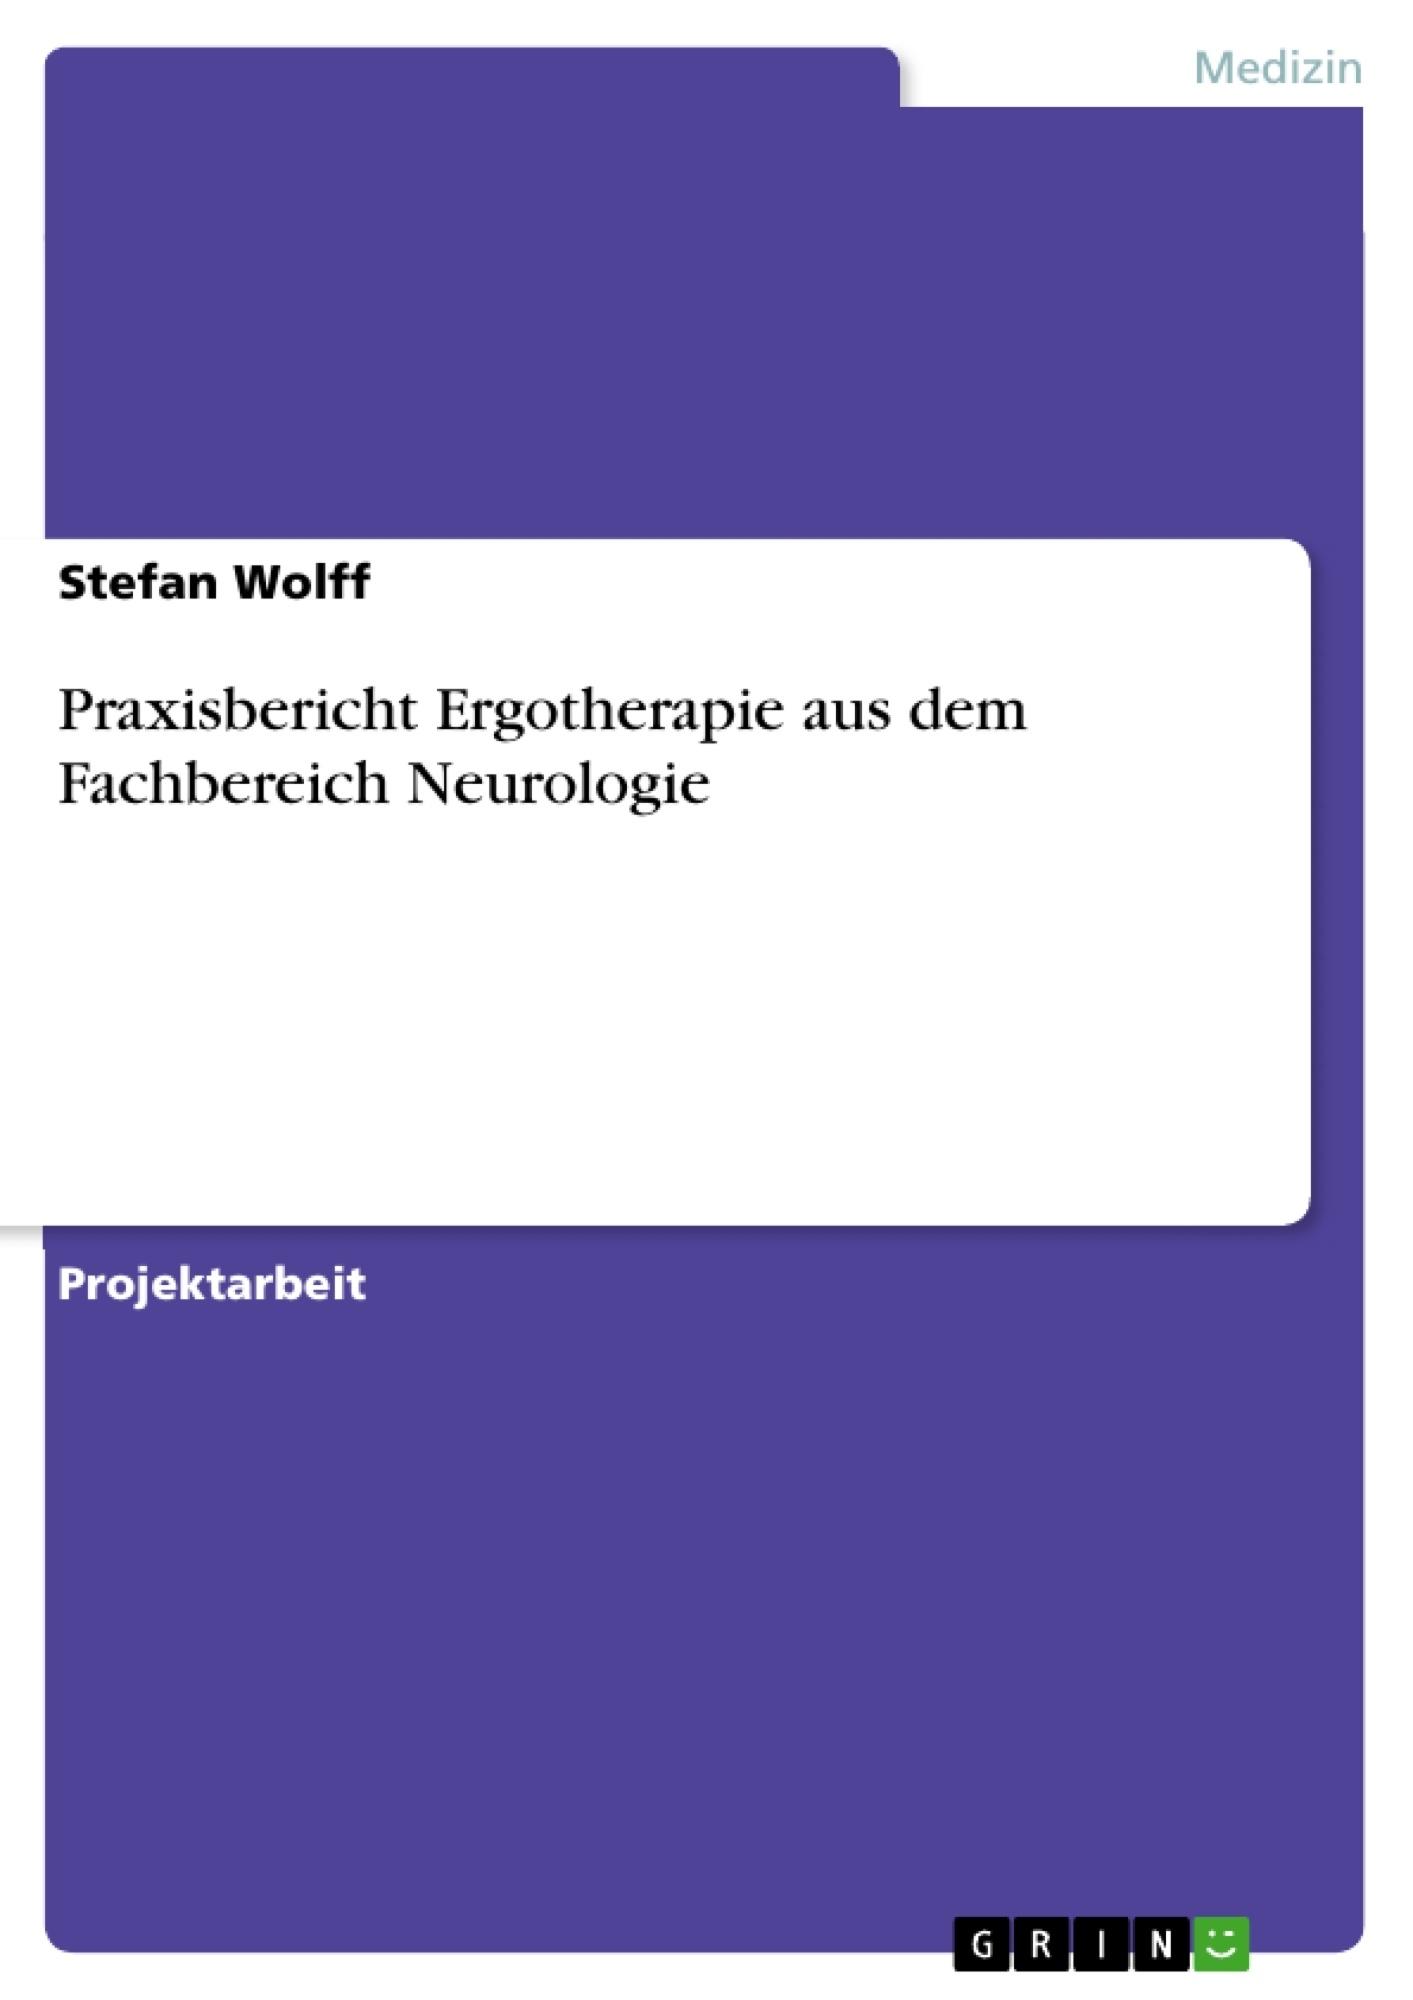 Titel: Praxisbericht Ergotherapie aus dem Fachbereich Neurologie